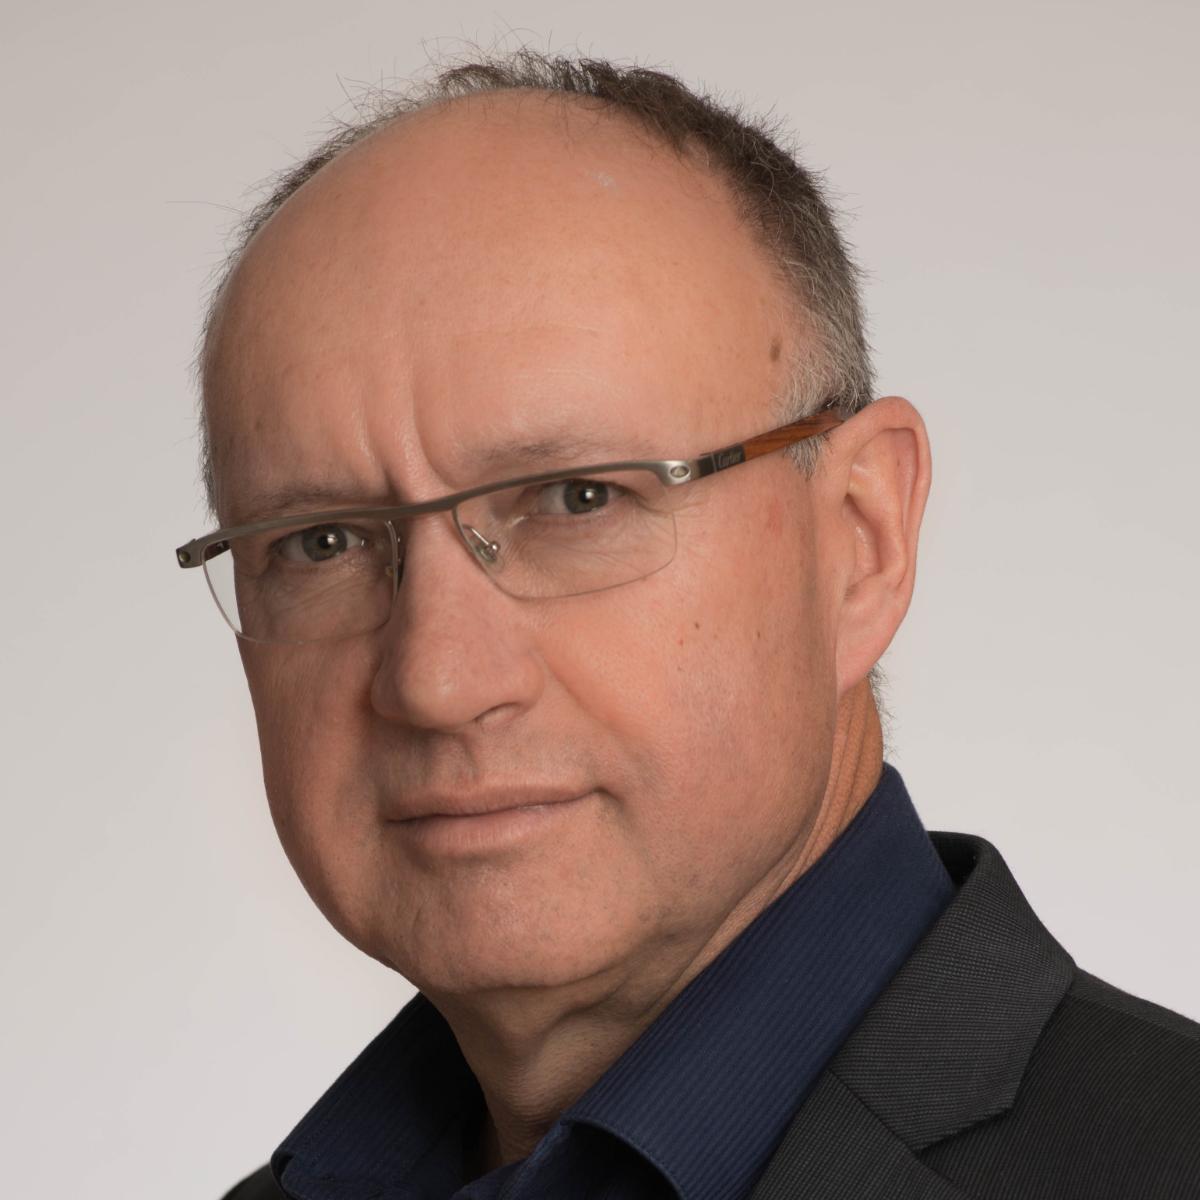 Dr. Casper Durandt